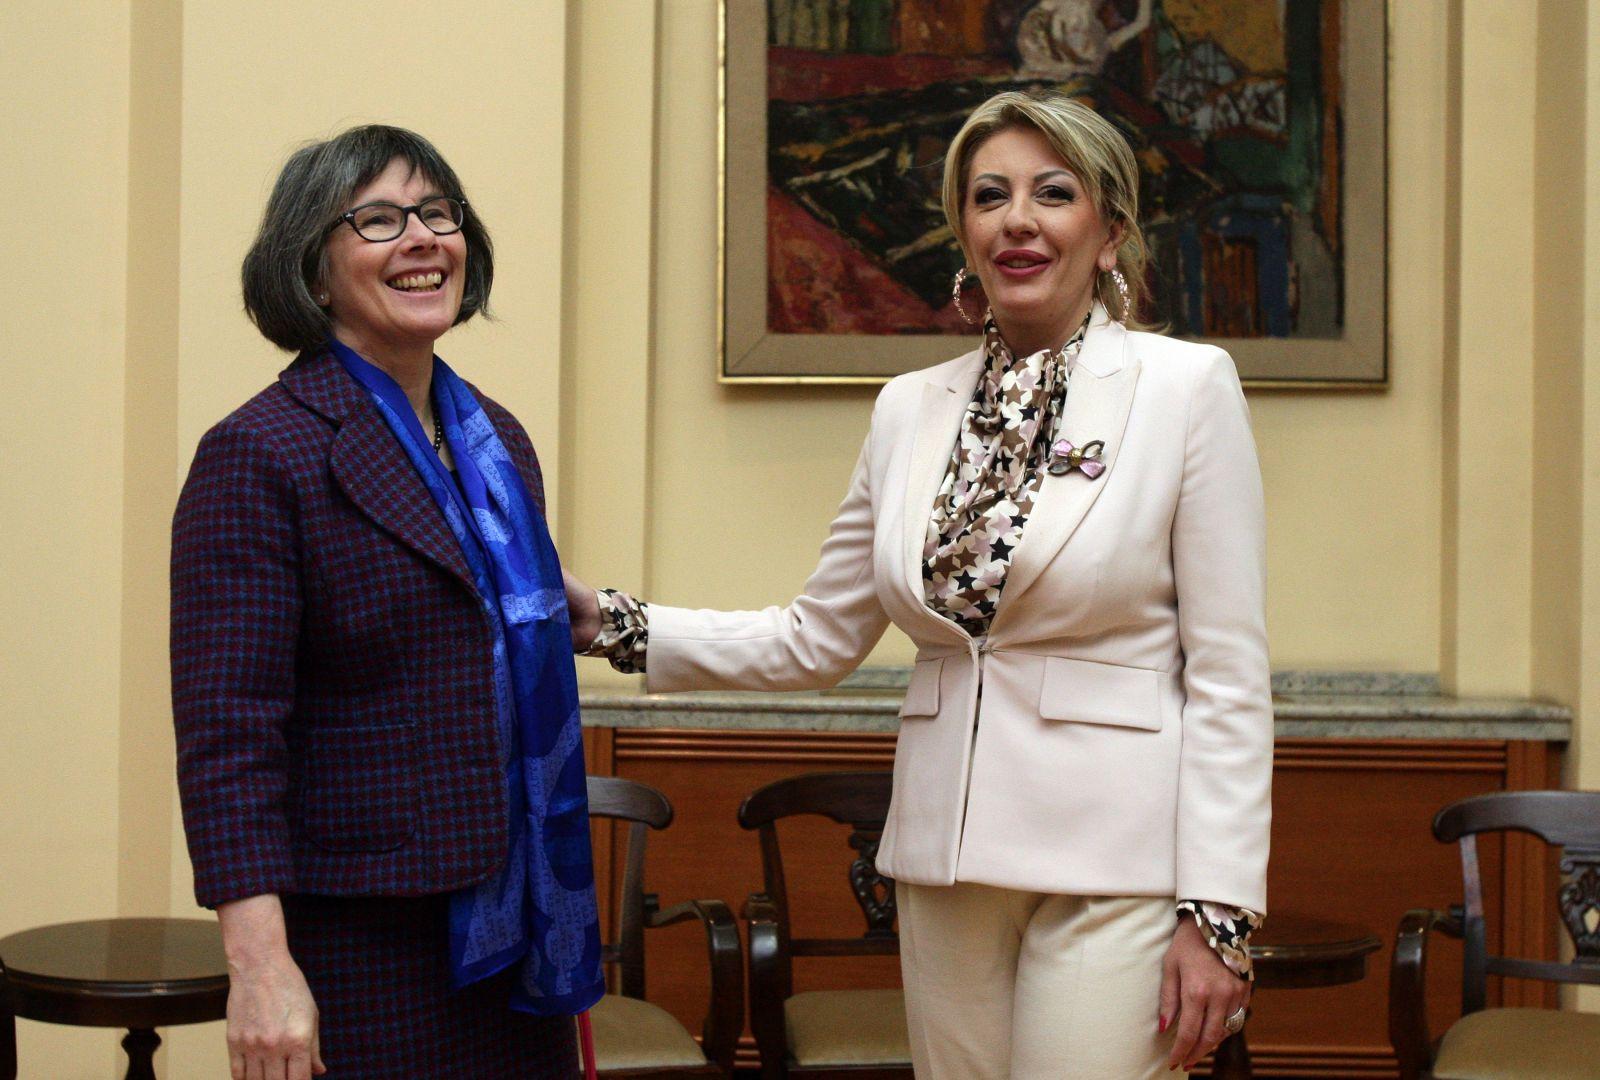 J. Joksimović i Maklaud: Fokus na jačanju bilateralnih odnosa UK i Srbije